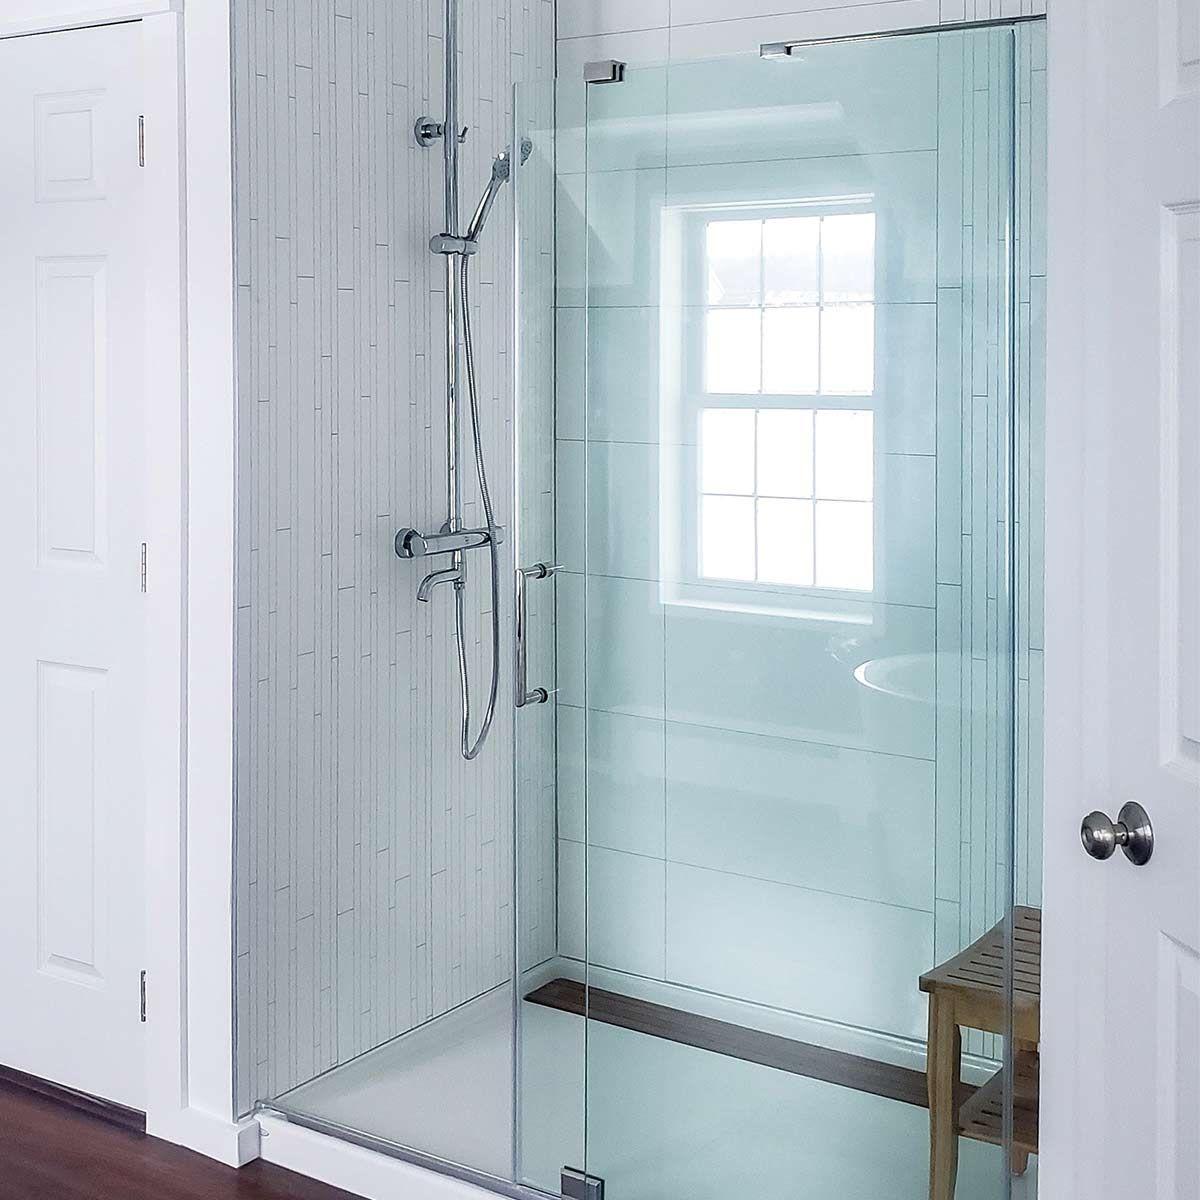 Waterproof Laminate Bathroom Shower, Waterproof Paneling For Bathrooms